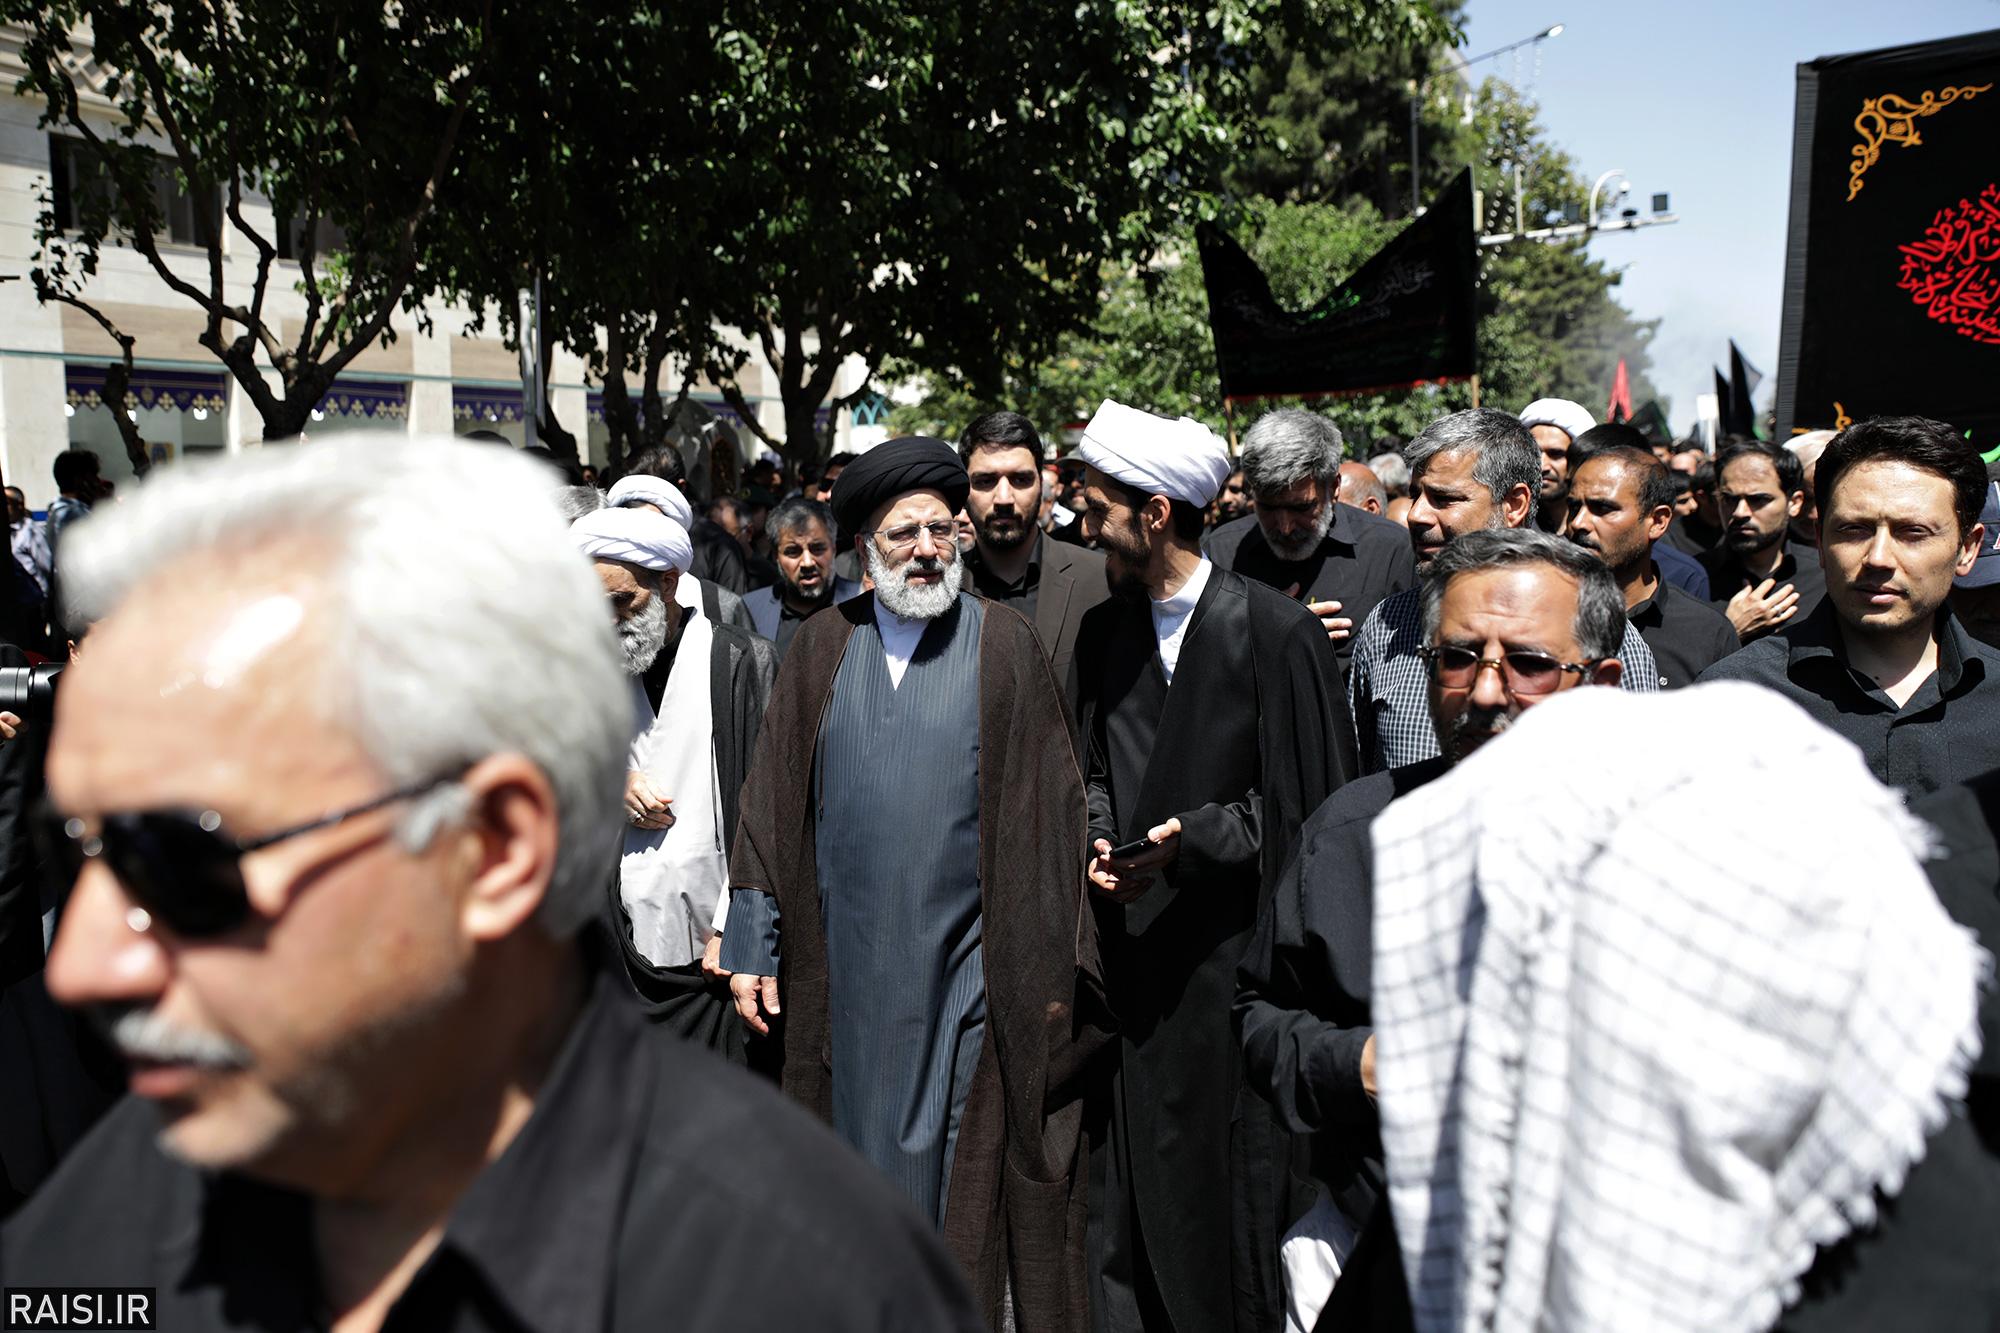 حضور تولیت آستان قدس رضوی در اجتماع عظیم صادقیون مشهد